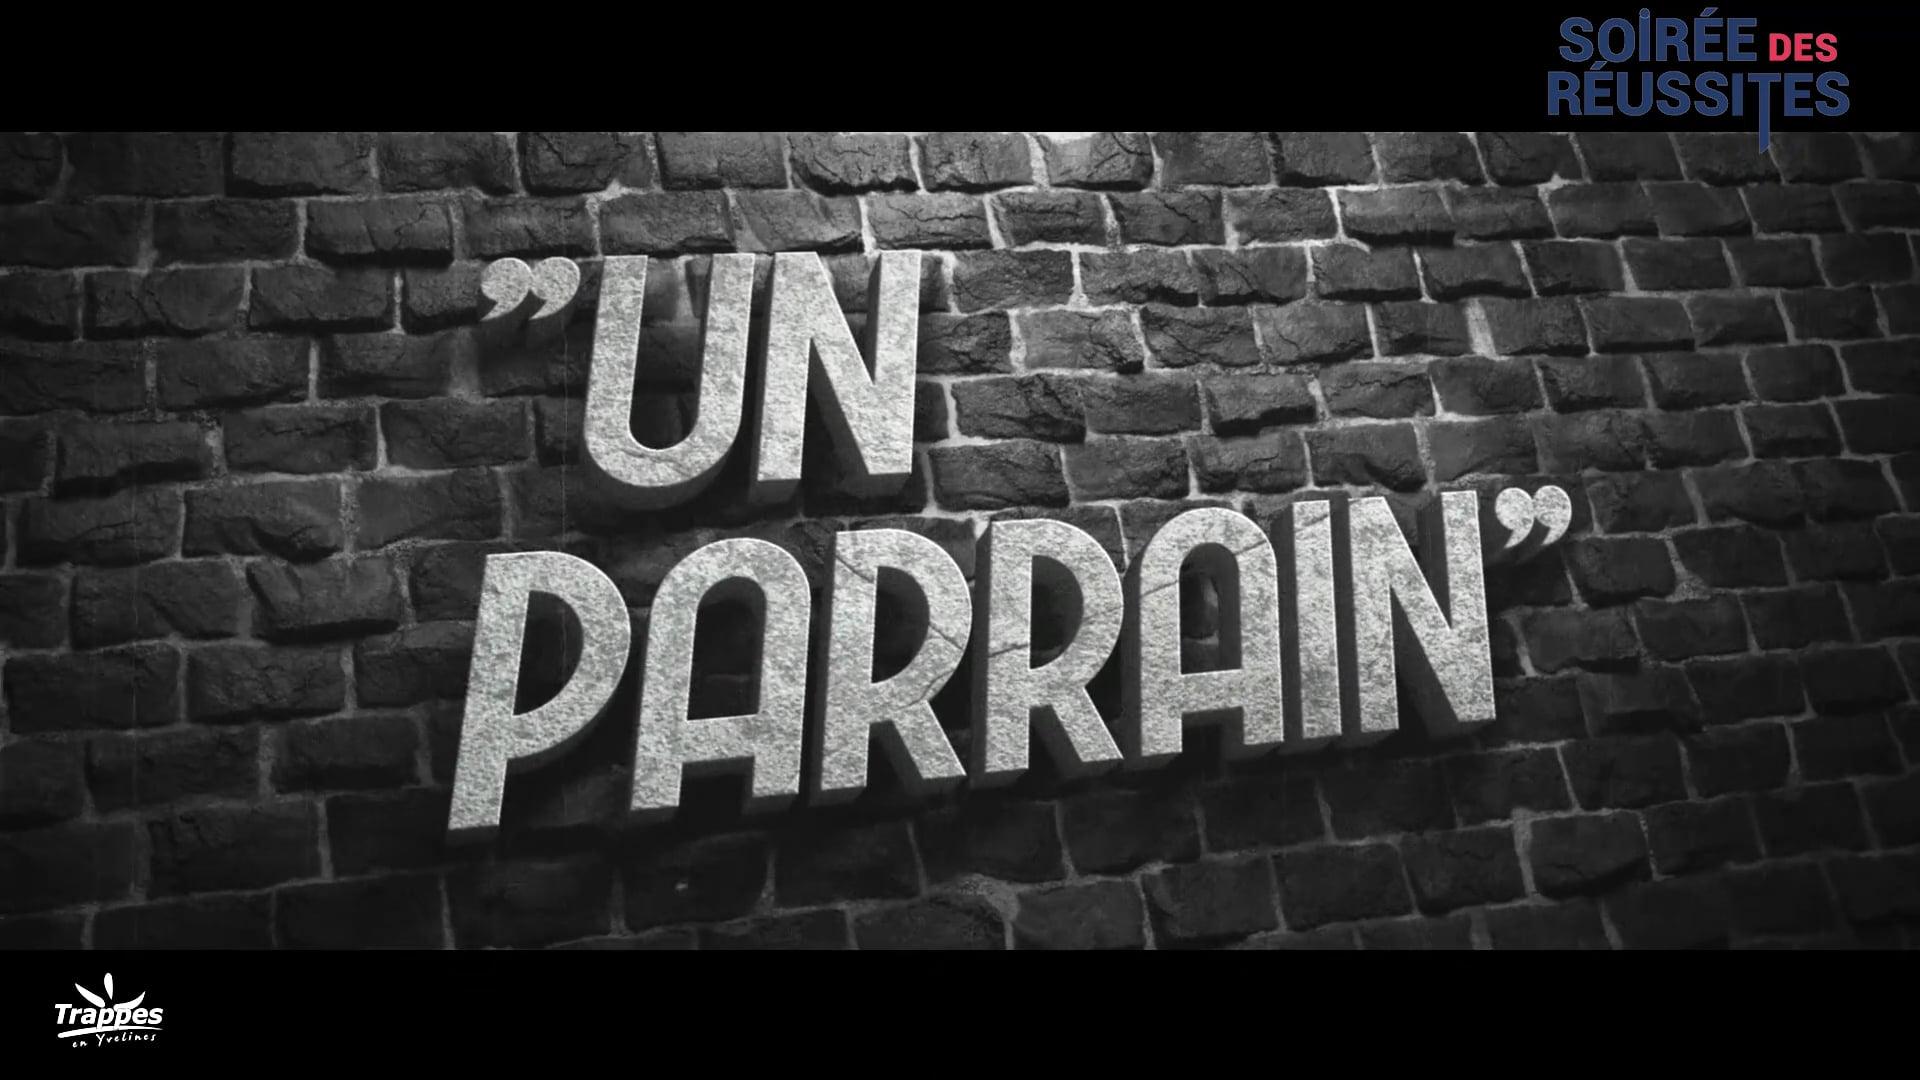 Un Parrain [Série Noire] - Soirée des Réussites 2019 Trappes-en-Yvelines